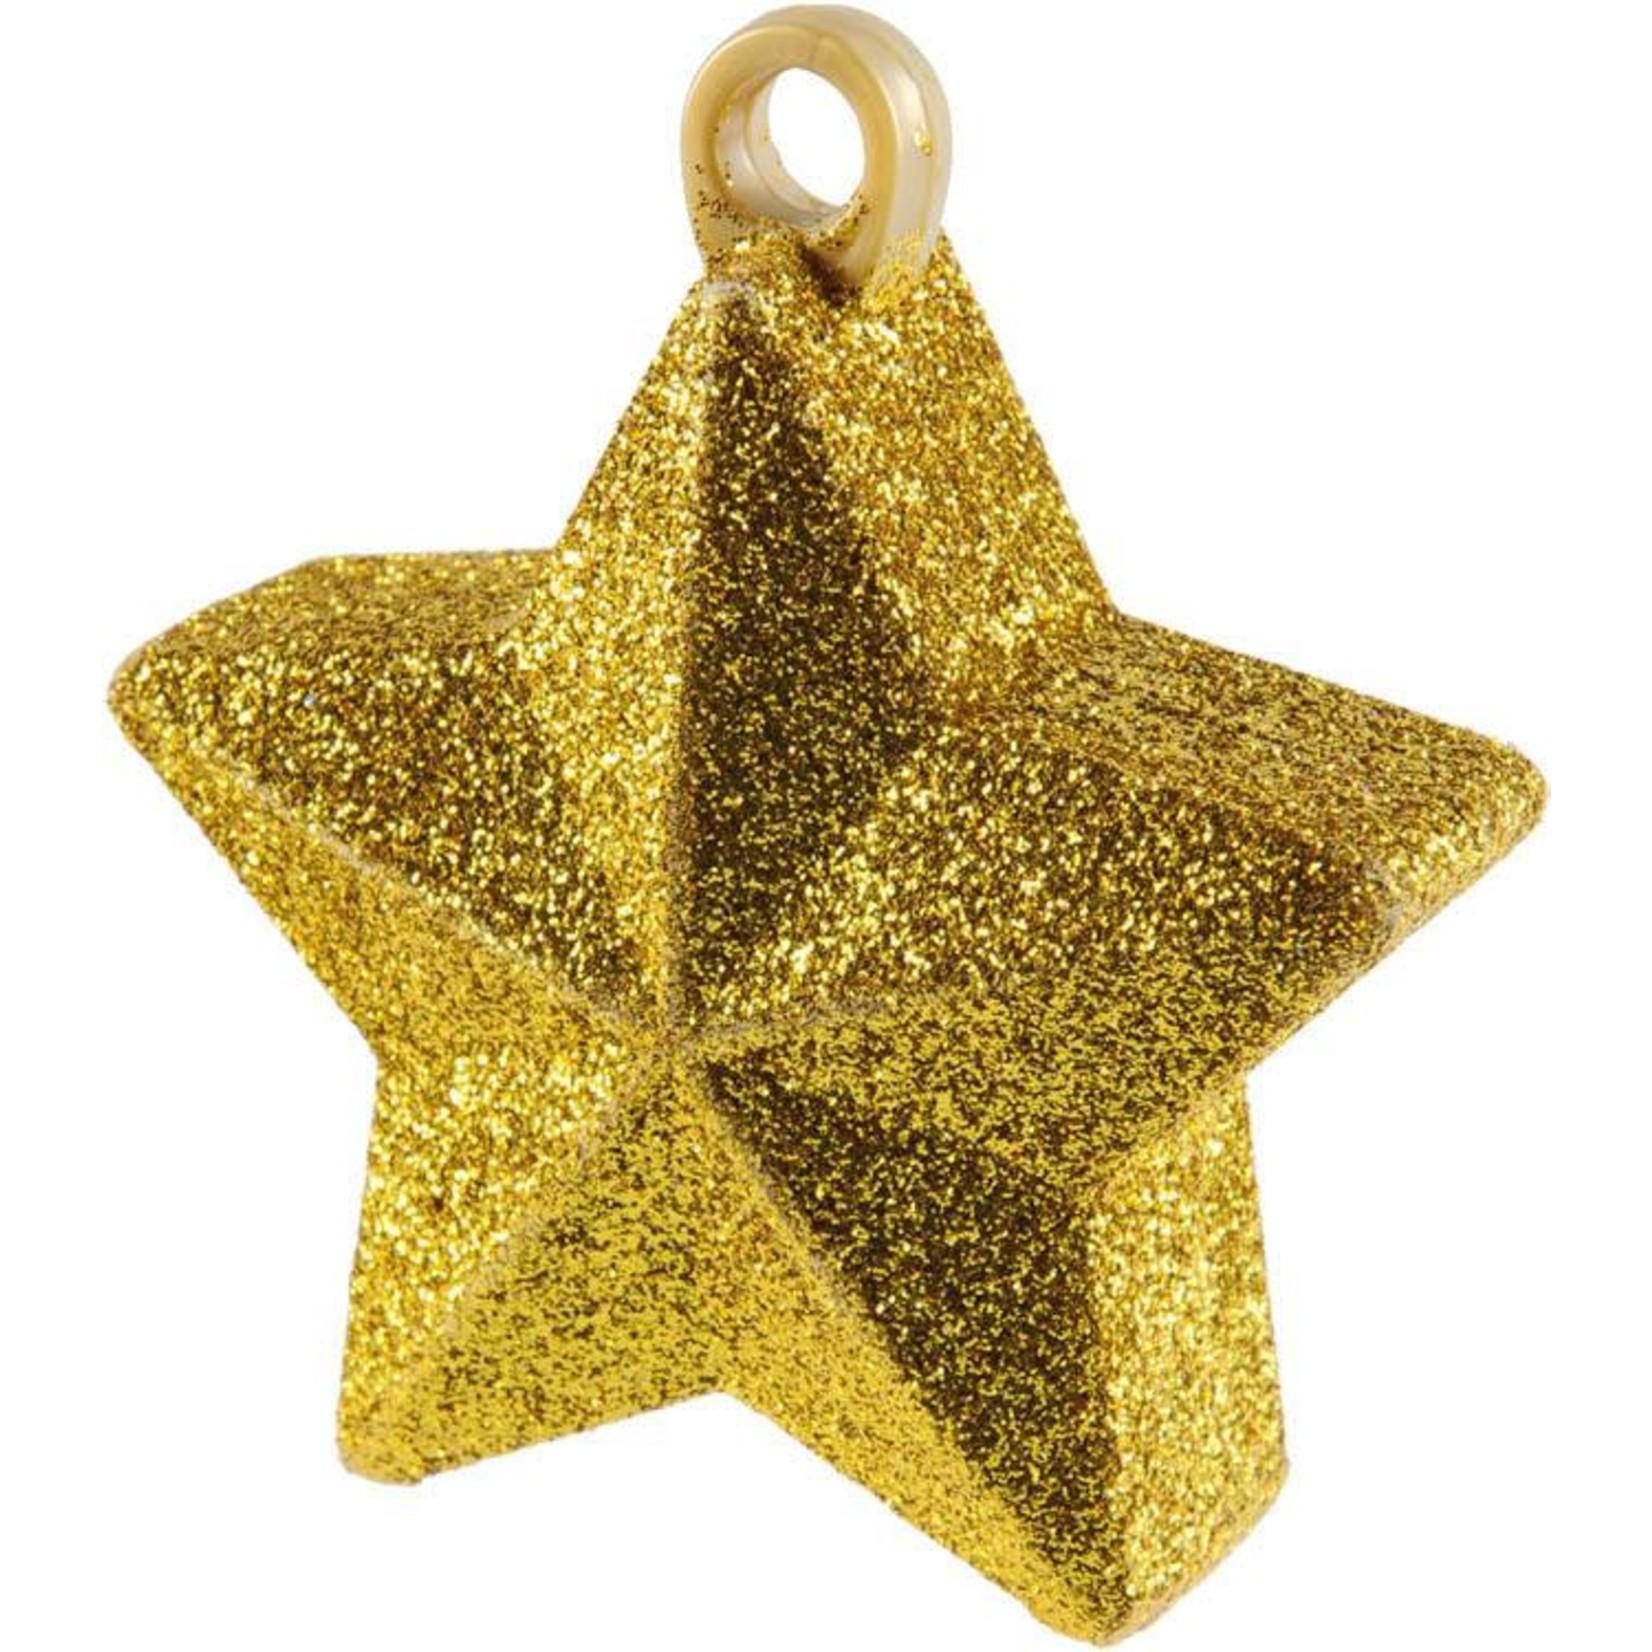 Balloon Weight-Glitter Star-Gold-6oz